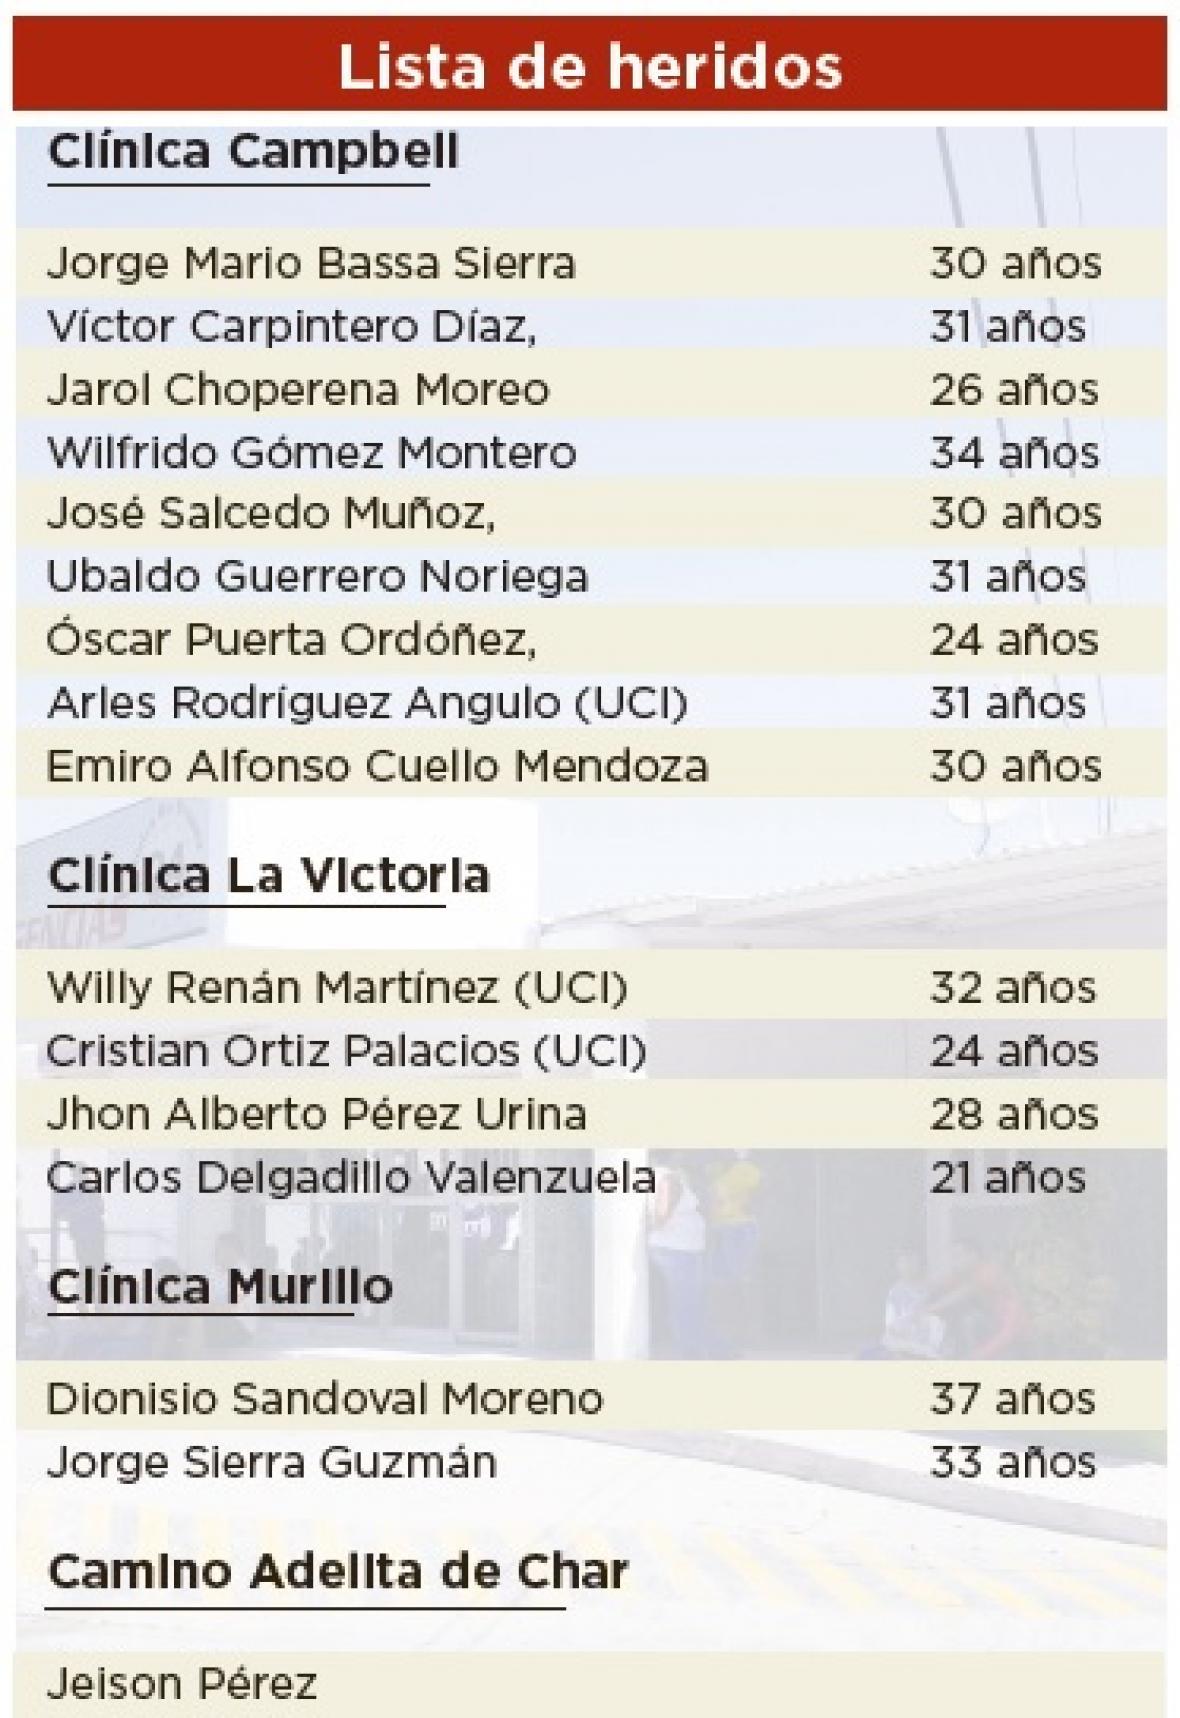 Lista de heridos por el atentado.